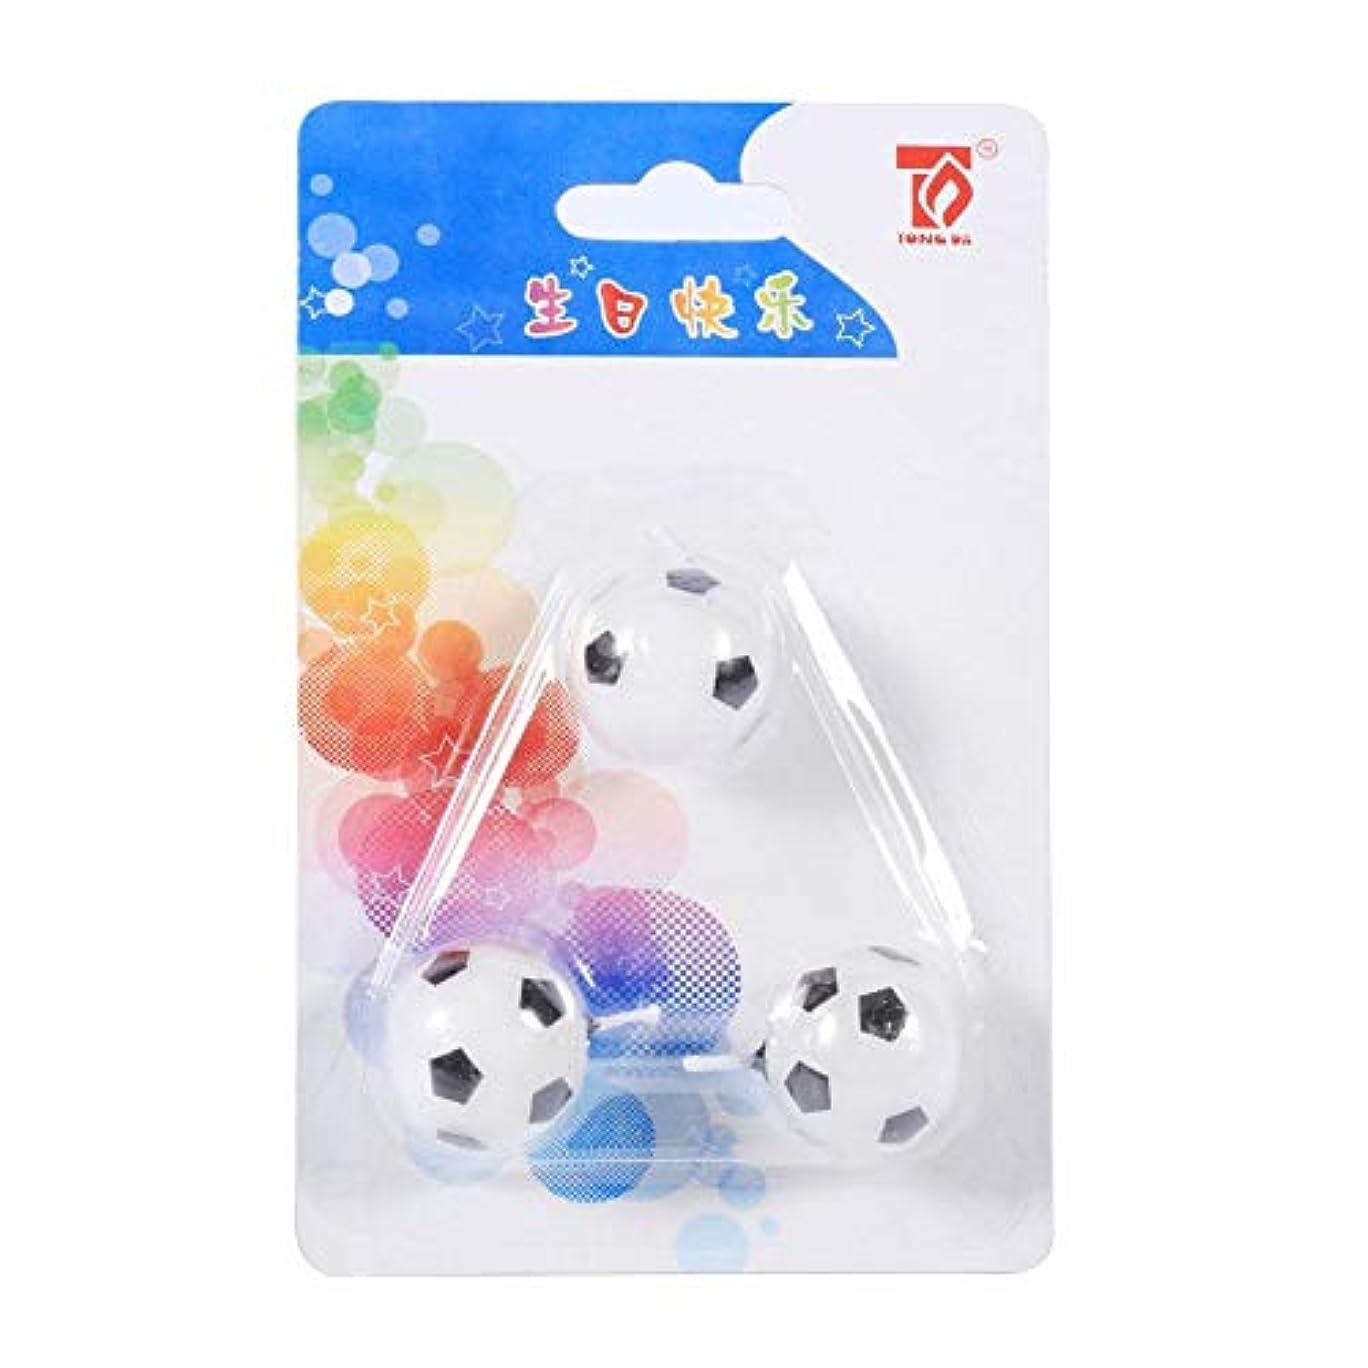 かわいらしいアルカイック思慮のないEboxer キャンドル サッカーボールキャンドル キャンドル誕生日 子供向 3個入 サッカーボールの形 誕生日 パーティケーキのキャンドル 飾り物 可愛い